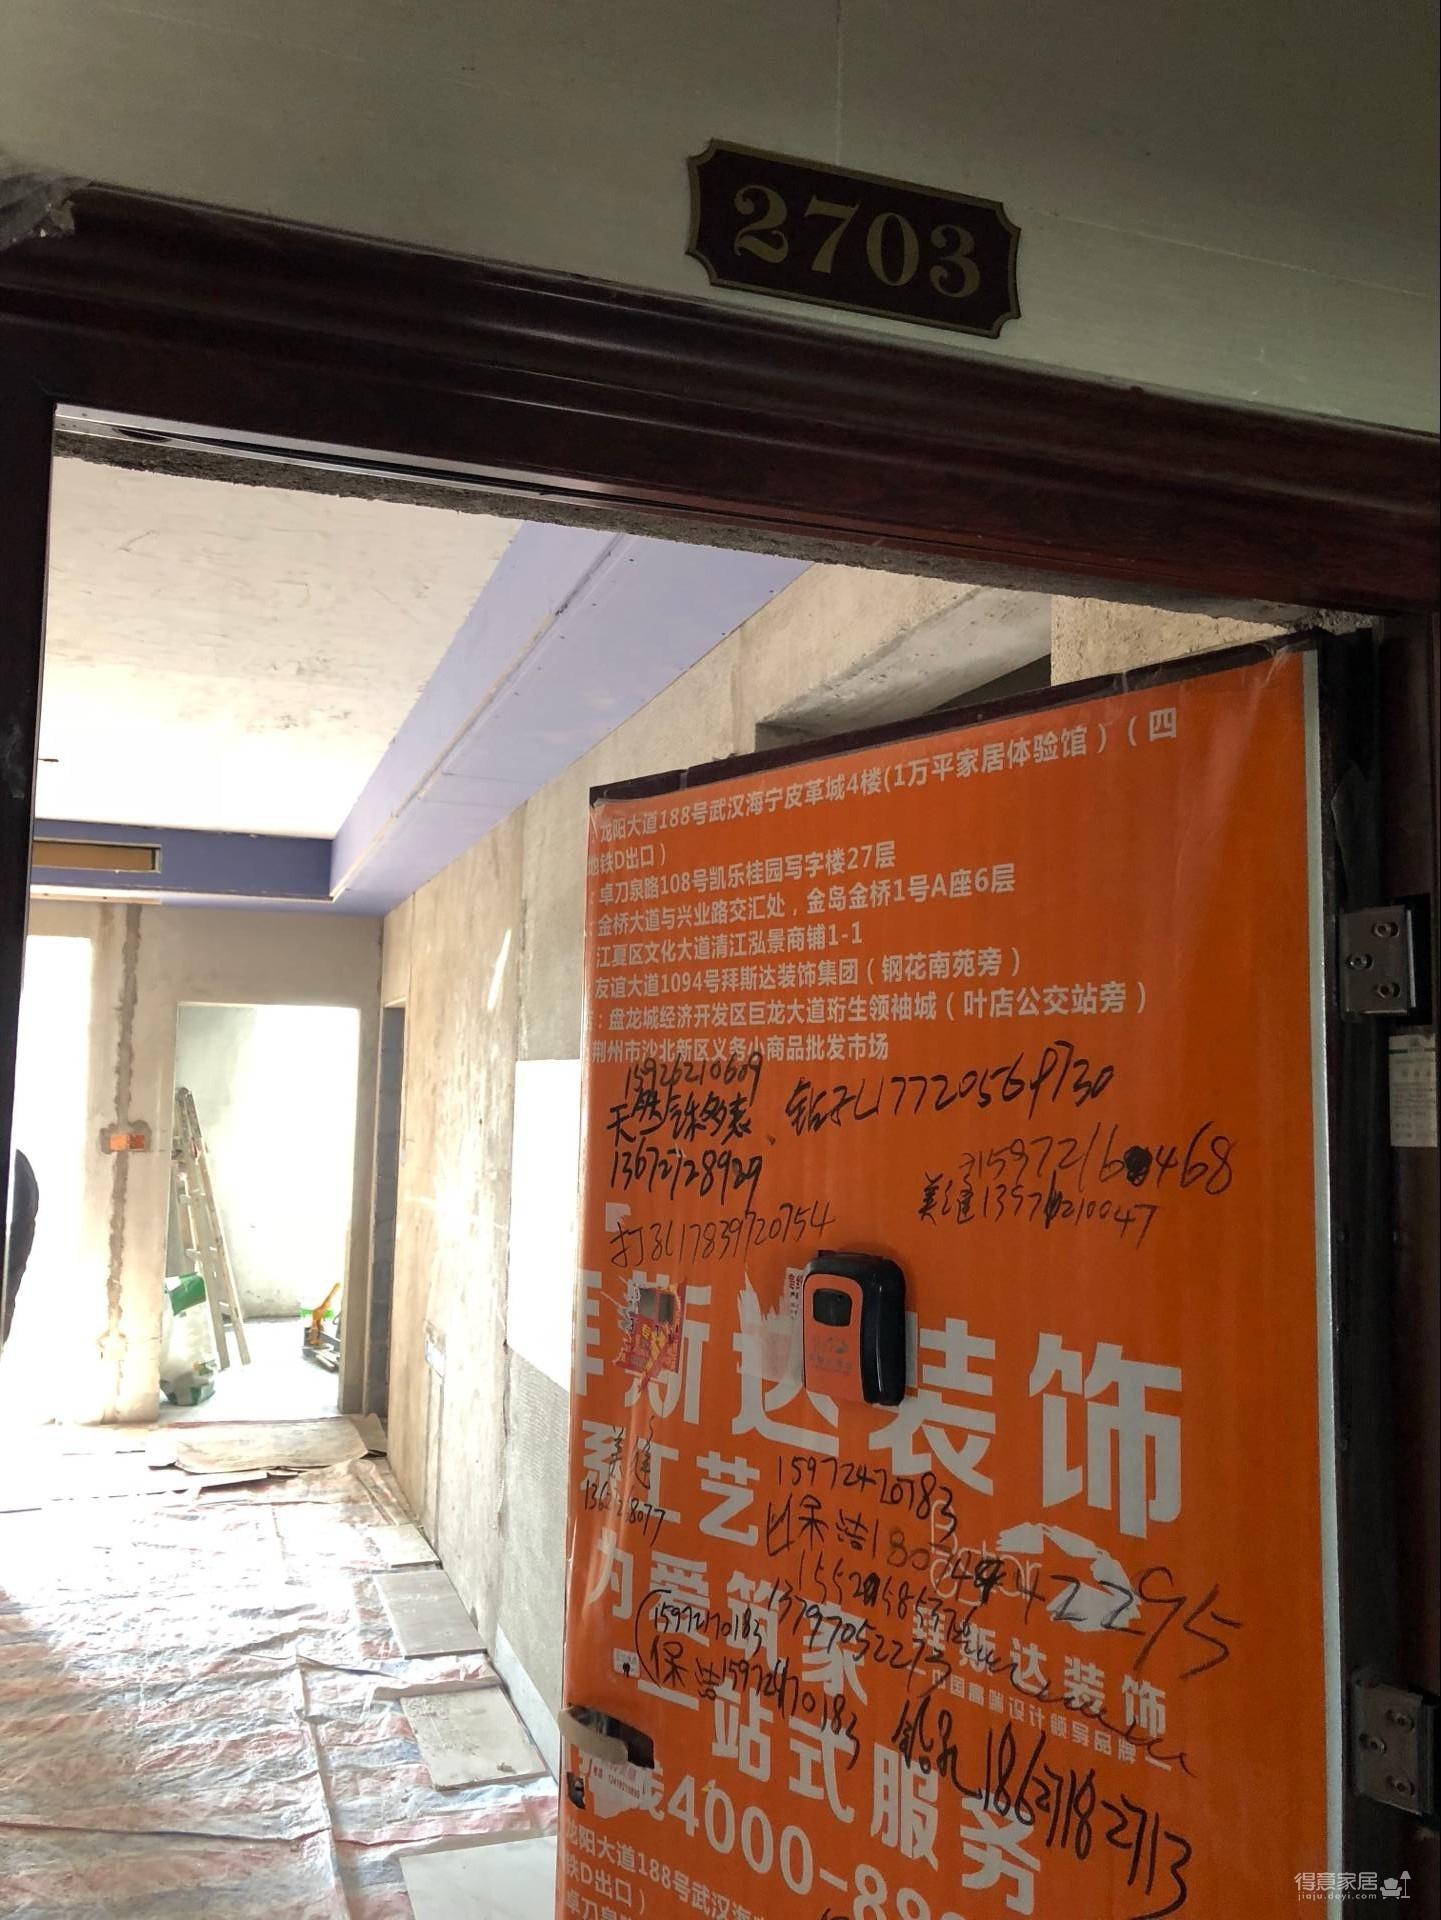 瑞云居3-2703 泥木验收图_2